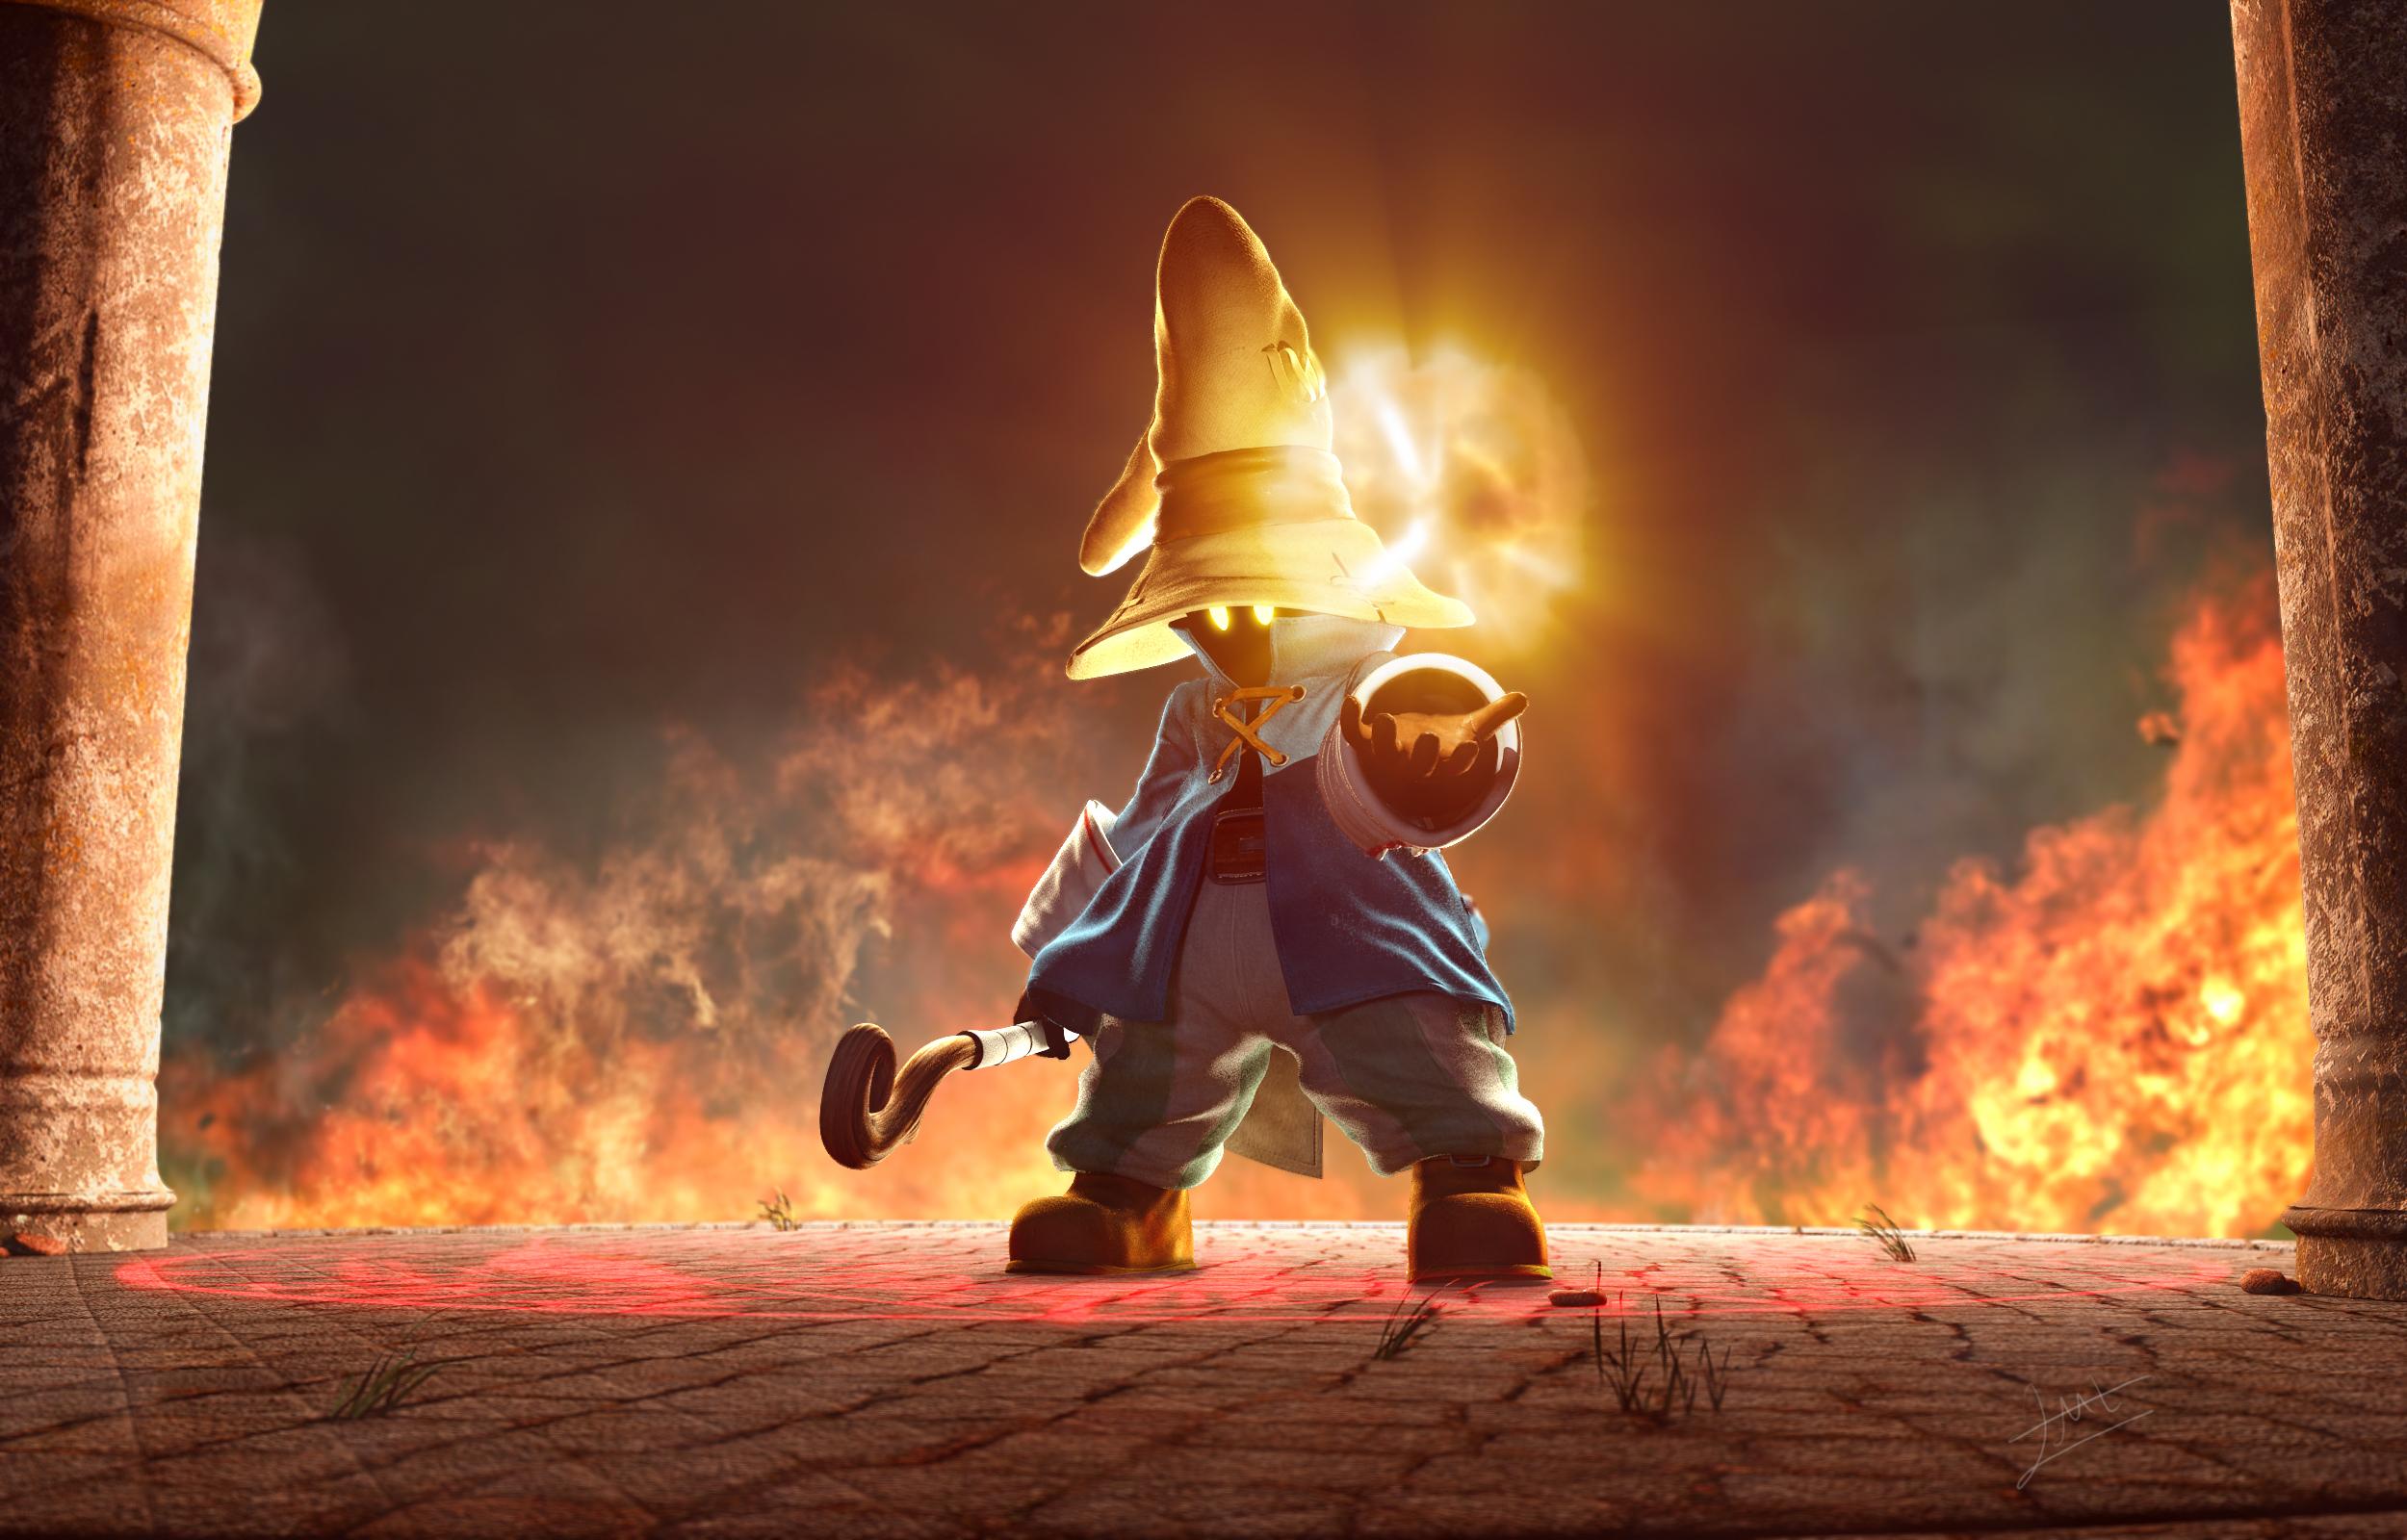 Requisitos para la versión de PC de Final Fantasy IX